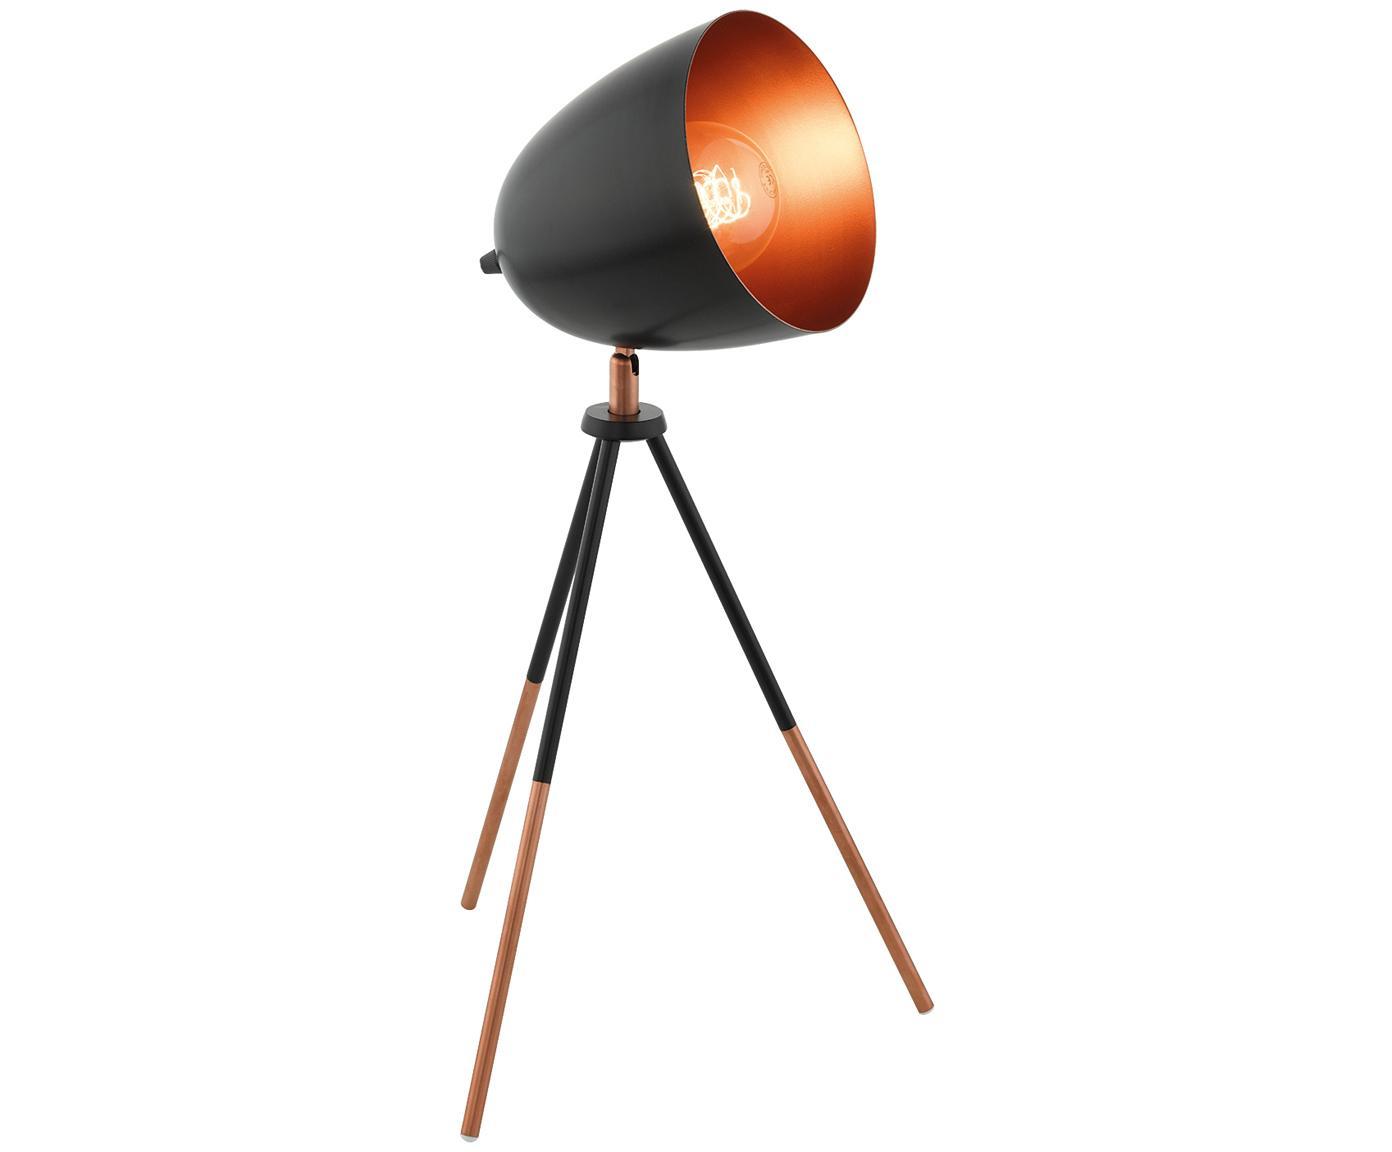 Tripod Schreibtischlampe Luna im Industrial-Style, Lampenschirm: Stahl, pulverbeschichtet,, Lampenfuß: Stahl, pulverbeschichtet,, Lampenfuß: Schwarz, Kupfer<br>Lampenschirm außen: Schwarz, 29 x 44 cm